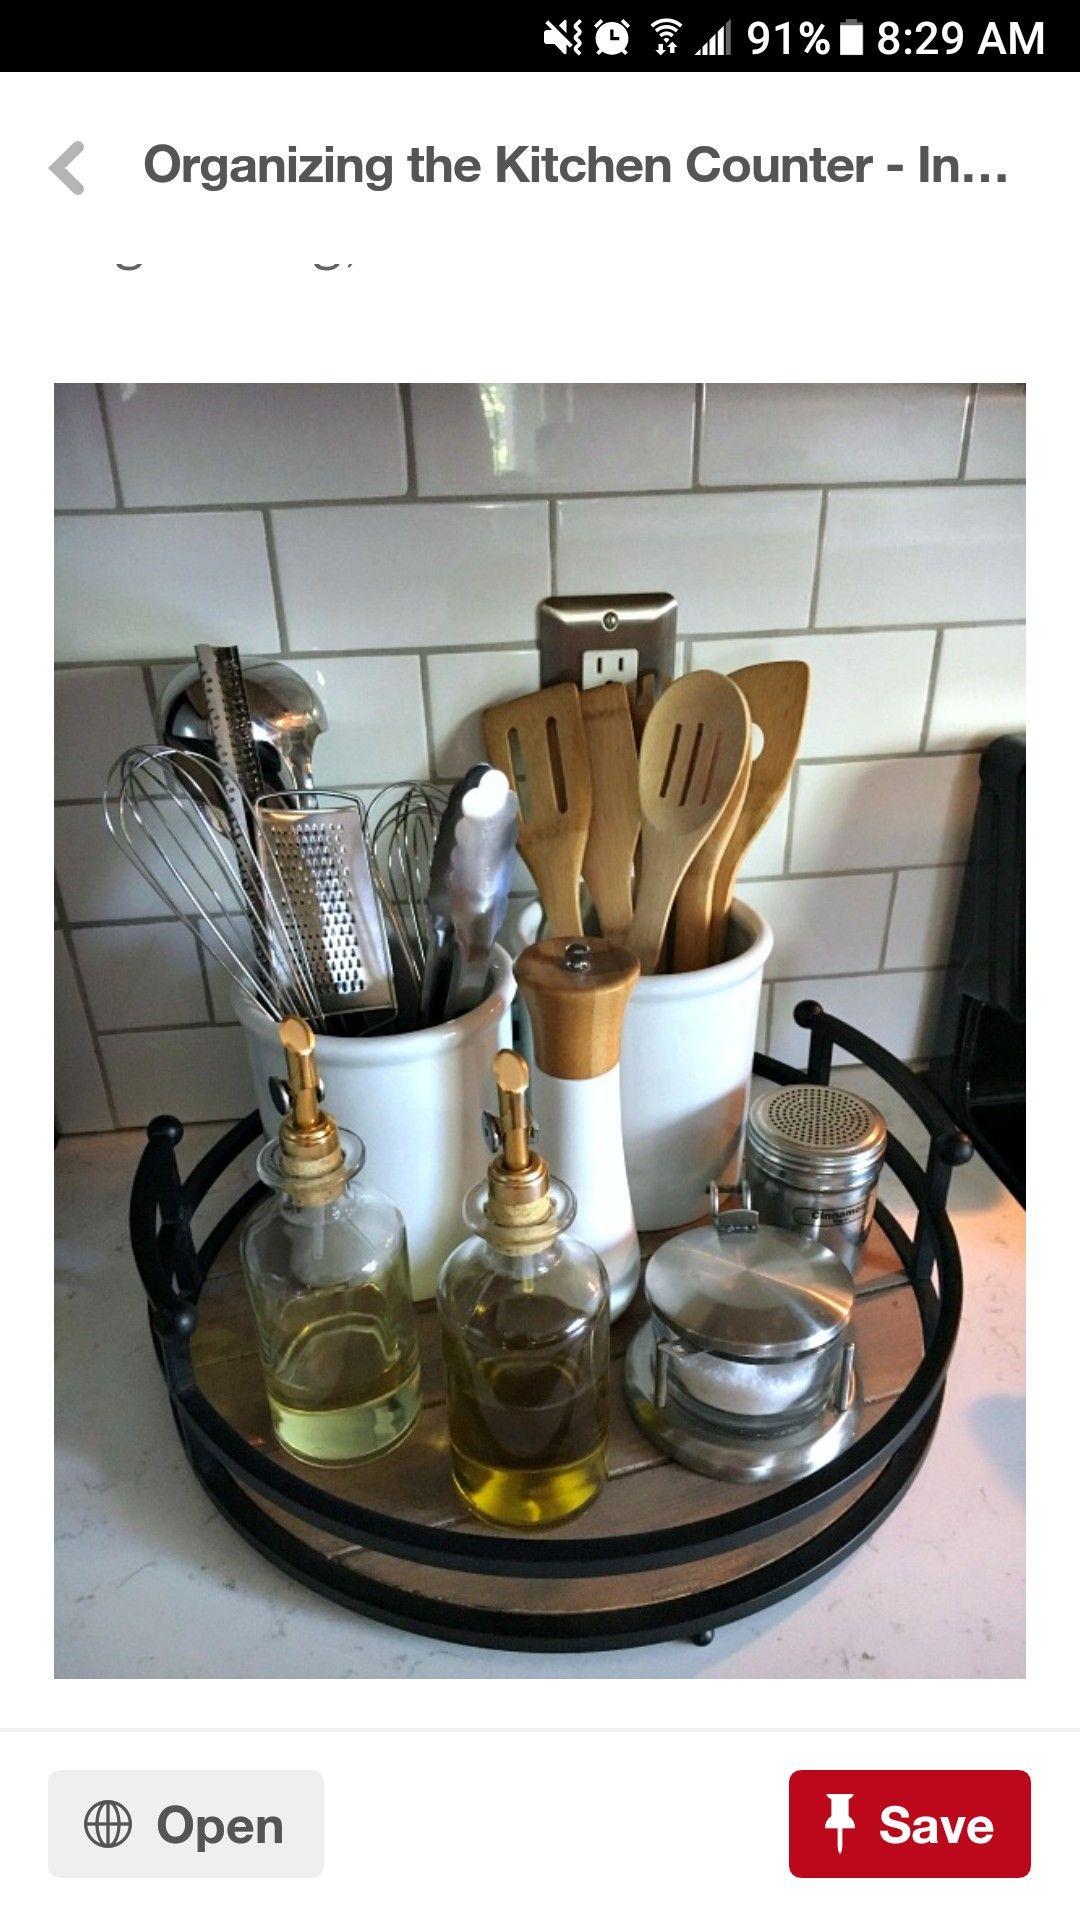 Rangement Cuisine, Idée Cuisine, Petite Cuisine, Amenagement Cuisine,  Organisation Maison, Déco Maison, Idées Pour La Maison, Appartements,  Cuisiner